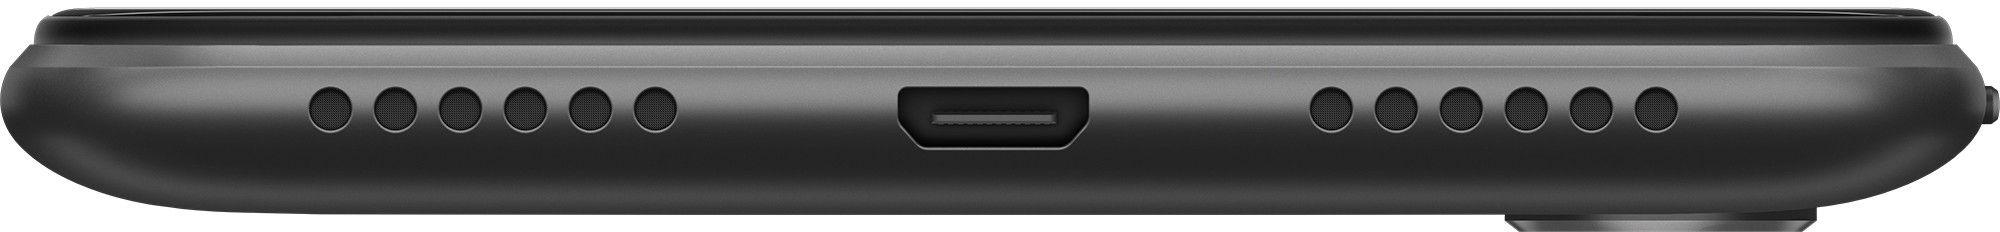 Смартфон Xiaomi Redmi Note 6 Pro 3/32GB Black от Територія твоєї техніки - 5